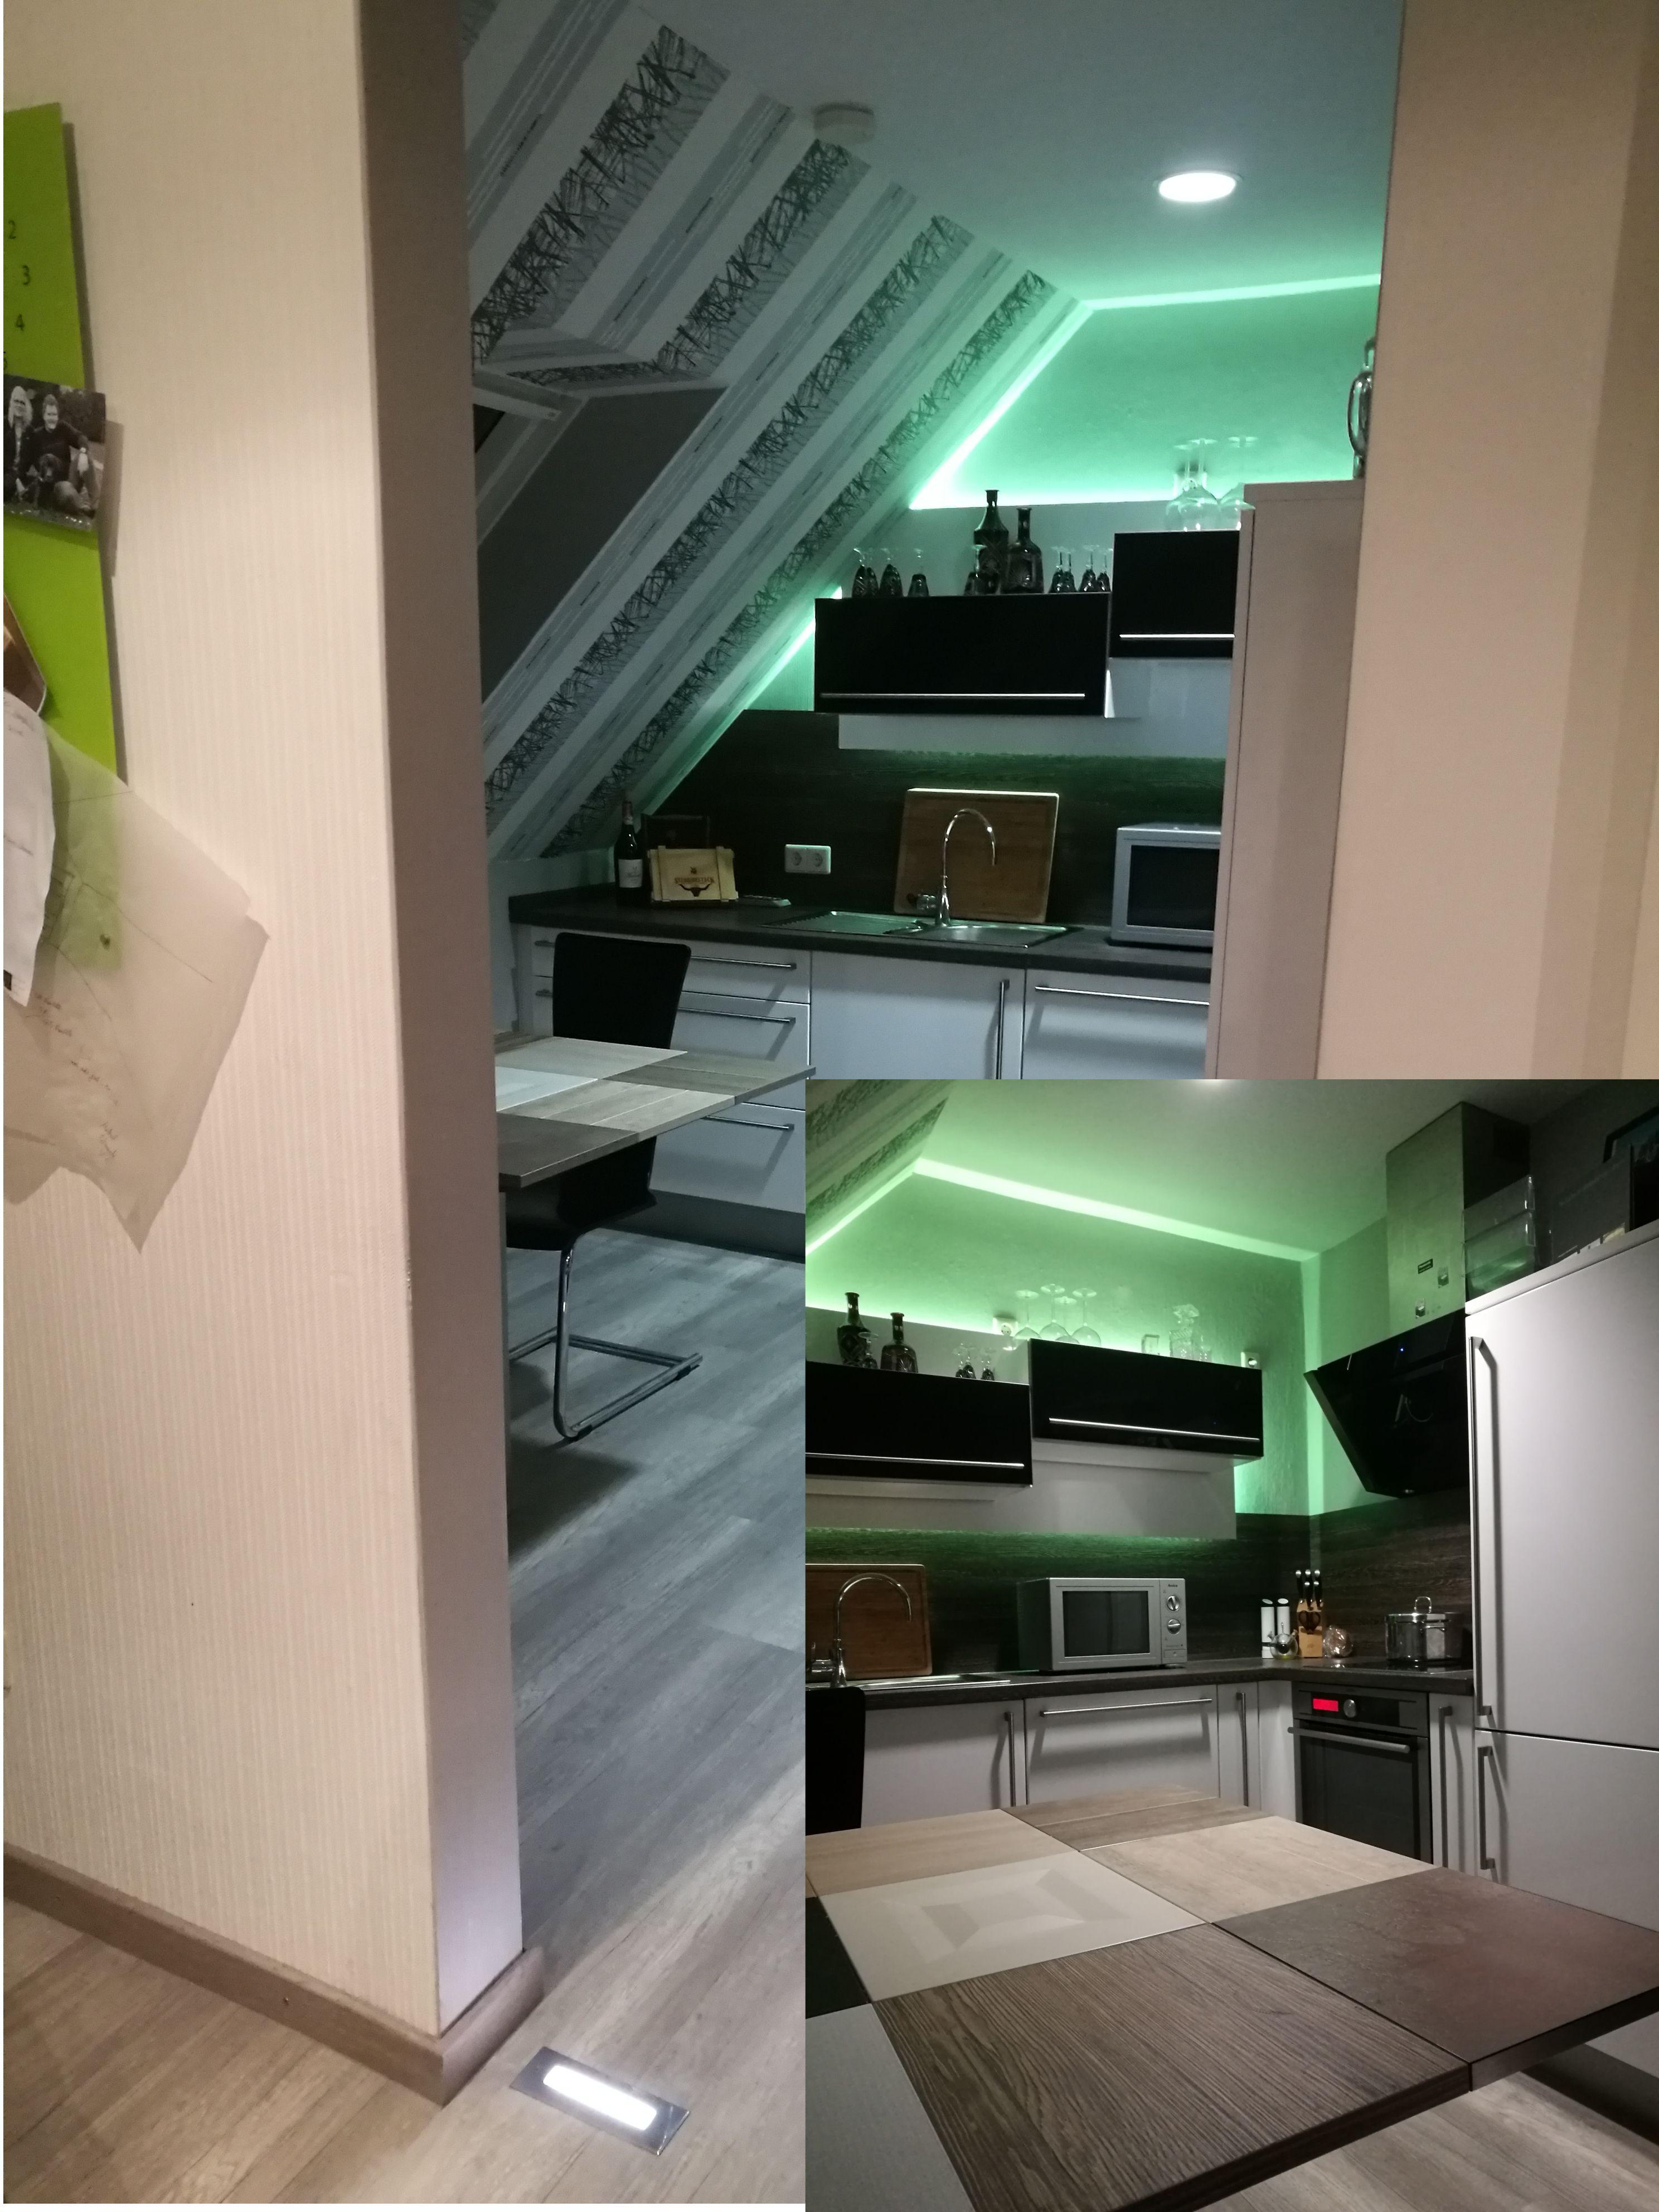 kleine zimmerrenovierung kuche kucheninsel idee kleine, kleine küche, viel licht, neue ideen. nach diesem motto wurde nicht, Innenarchitektur